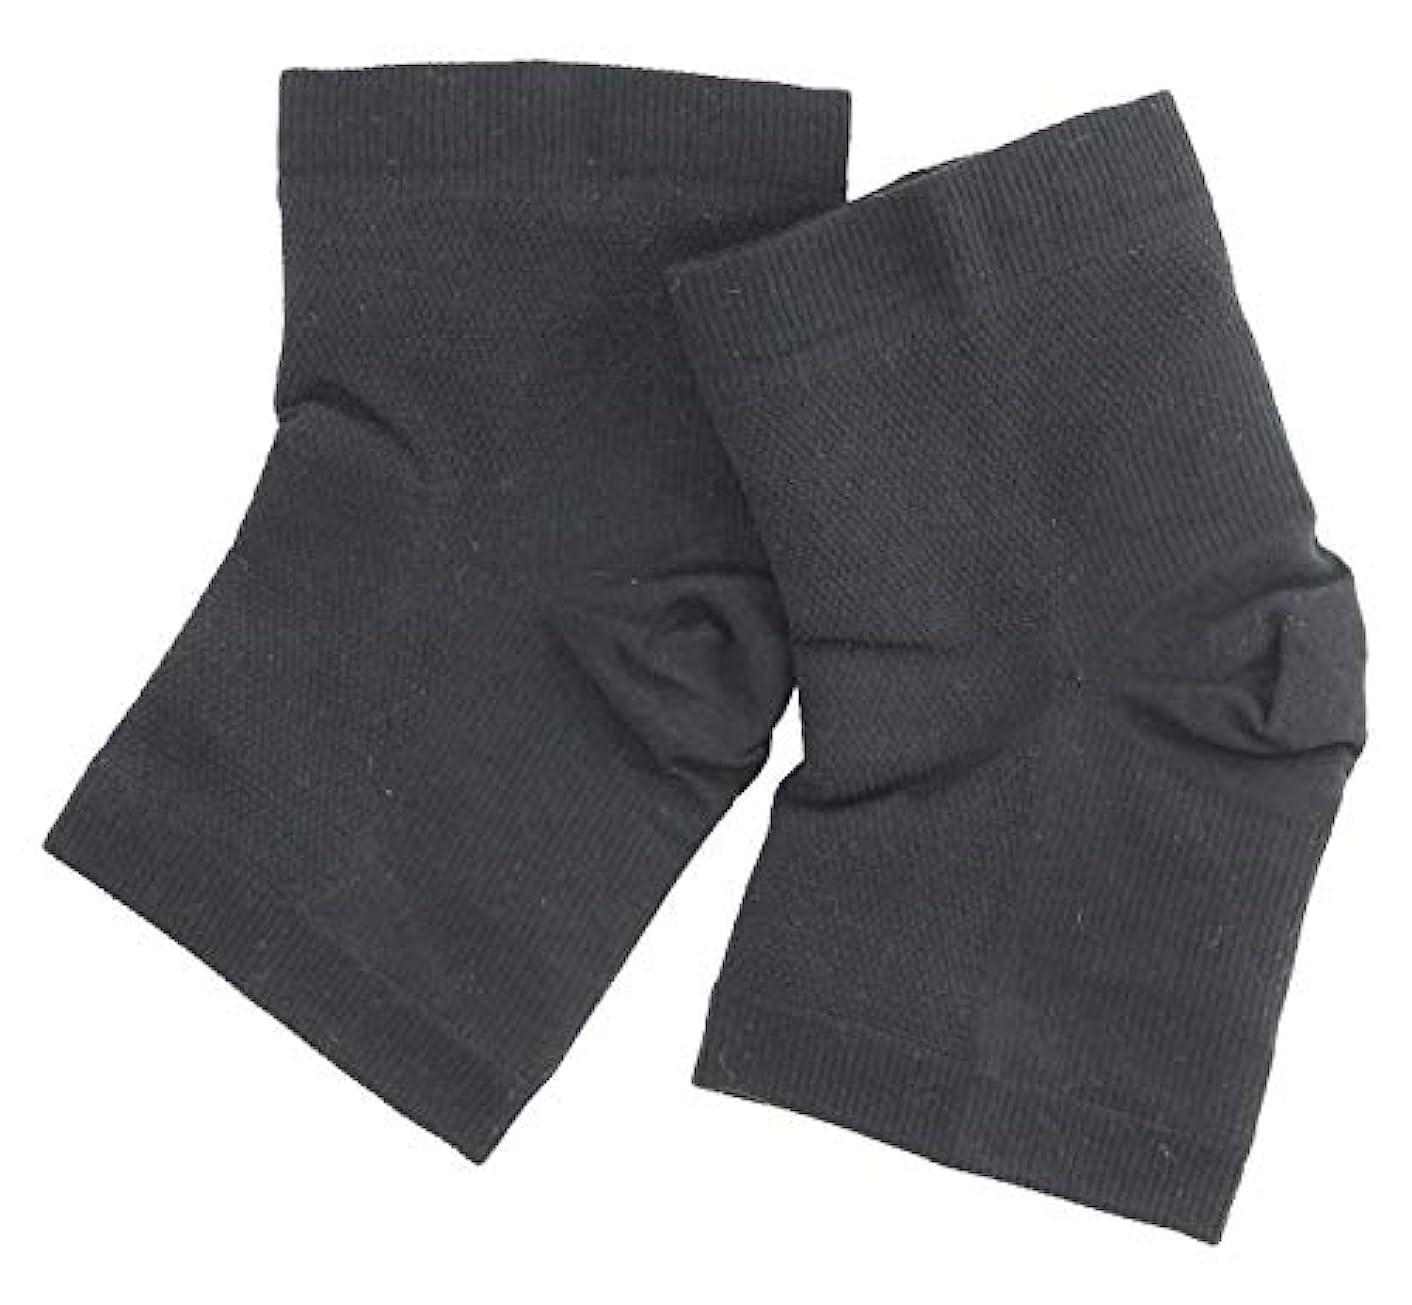 ジェットエレクトロニック応援する温むすび かかとケア靴下 【足うら美人潤いサポーター  フリー(男女兼用) クロ】 ひび割れ ケア